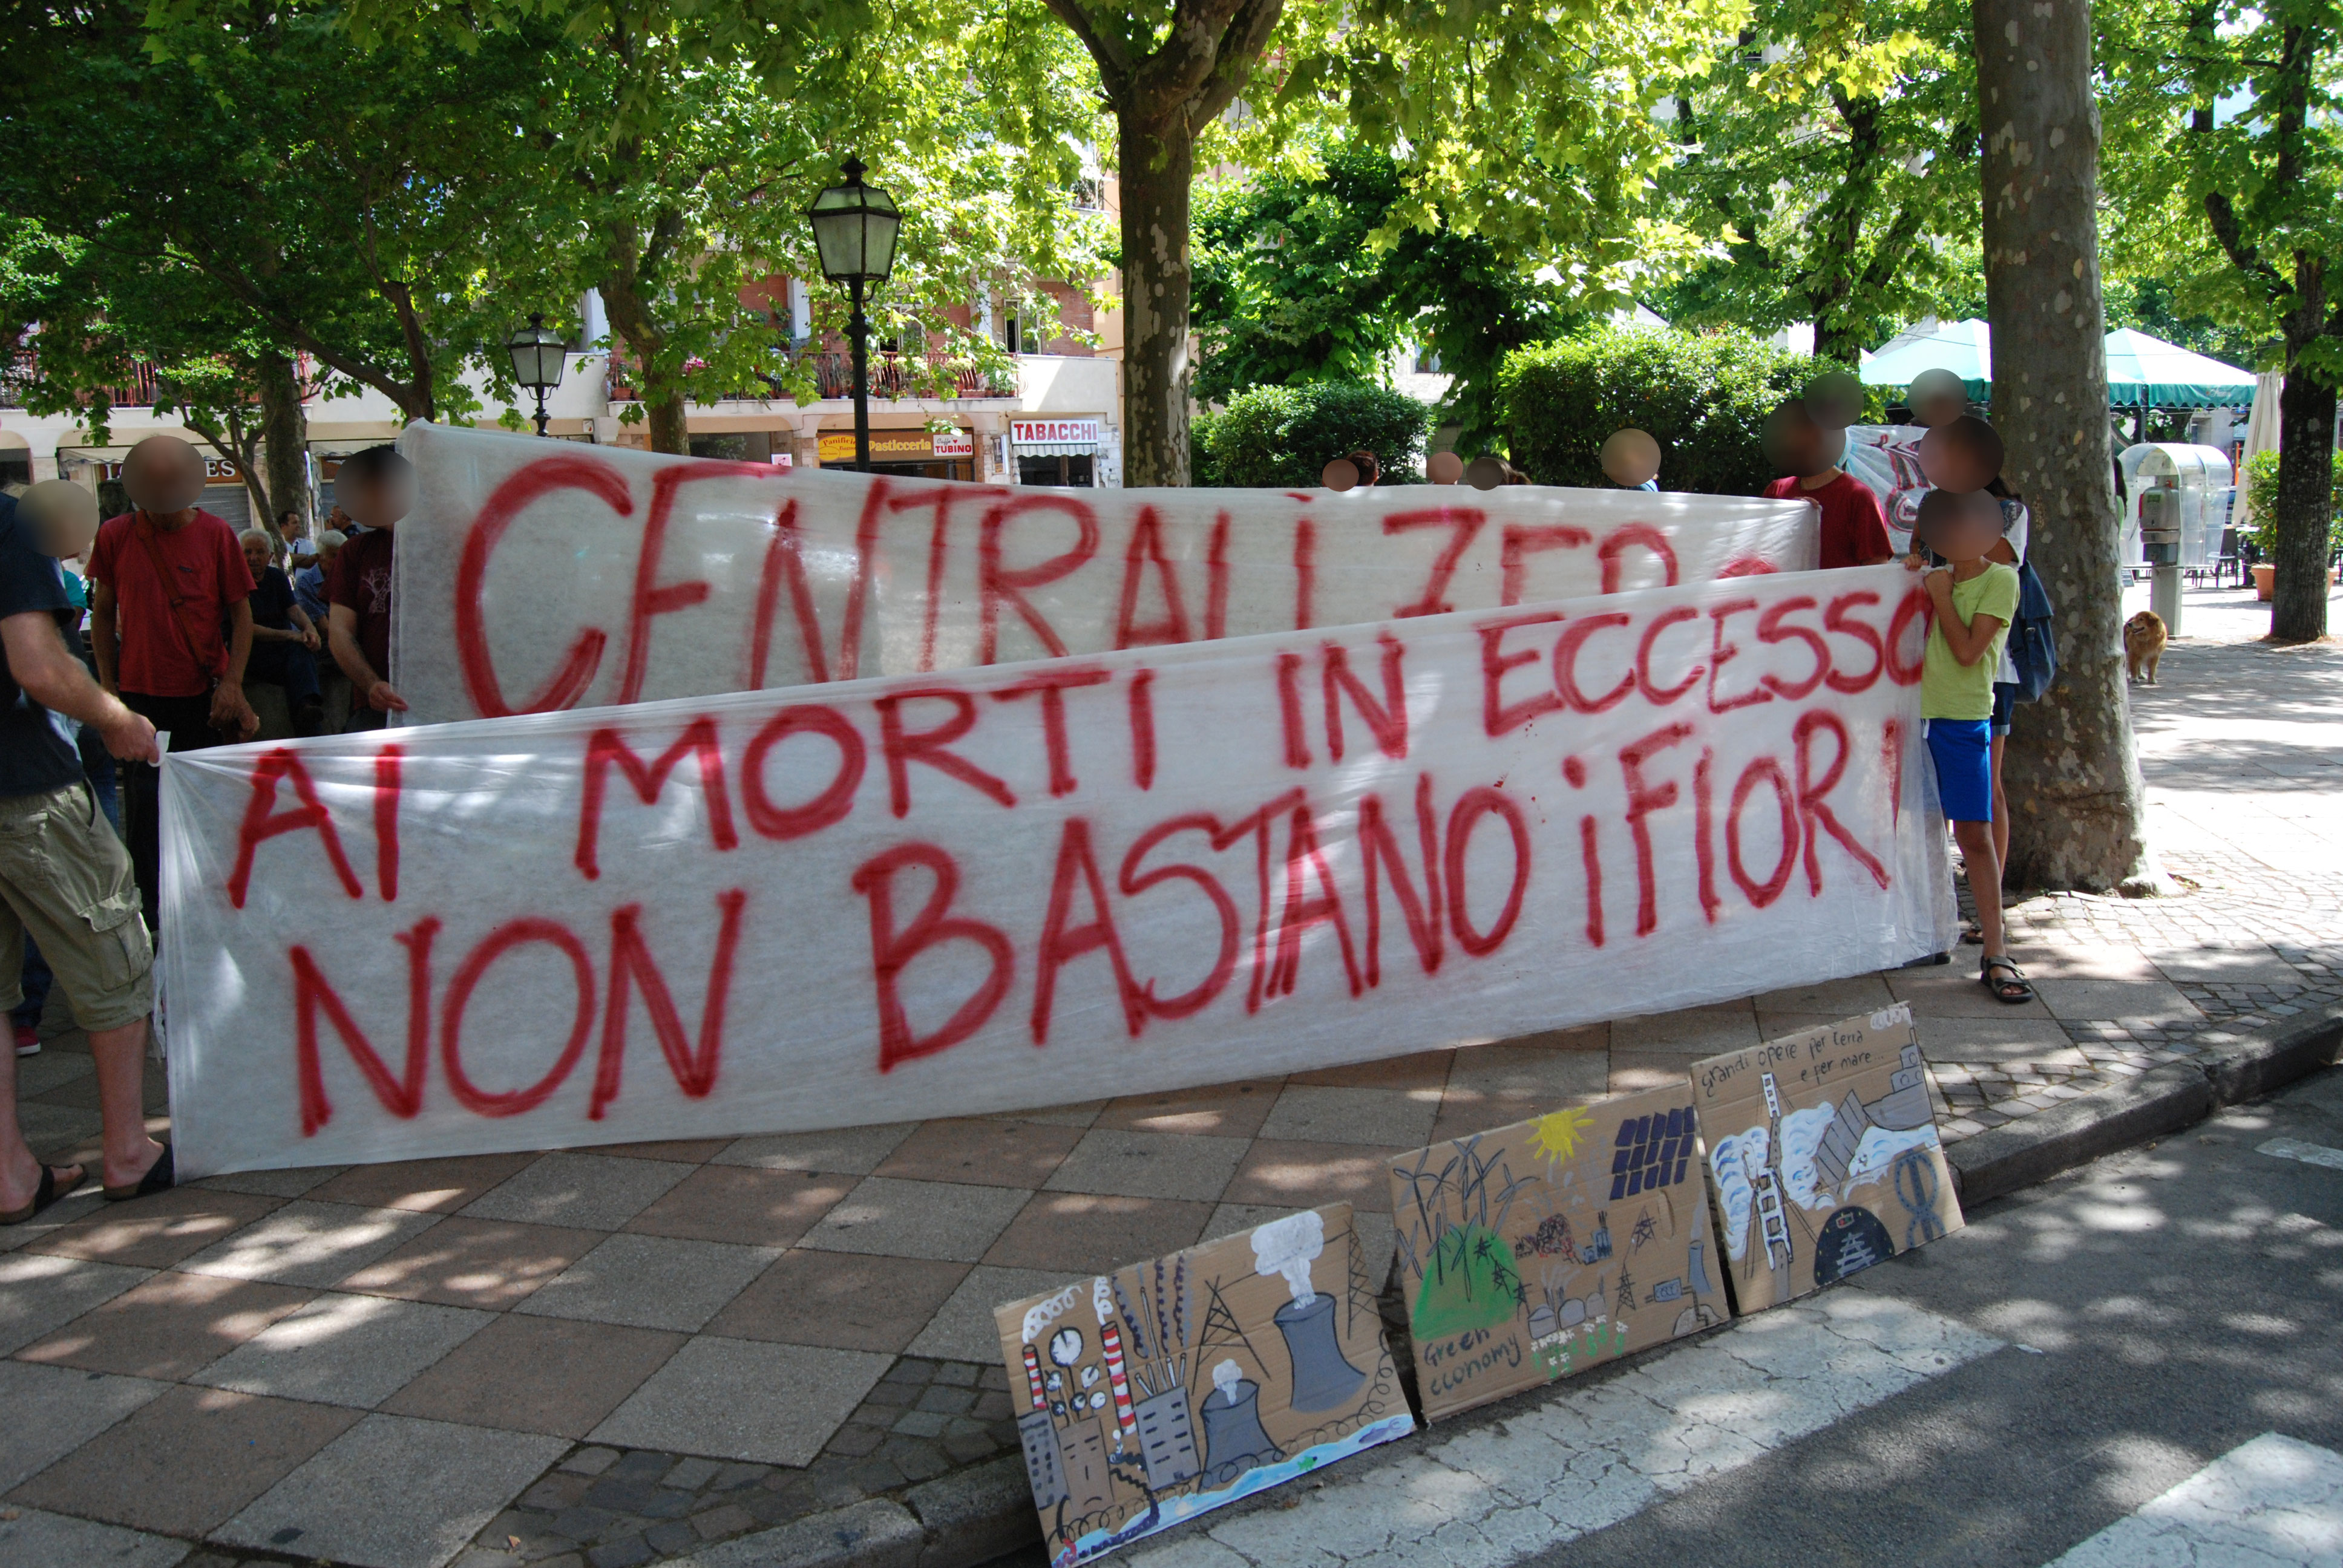 Contestazione al presidente regione Toscana Enrico Rossi